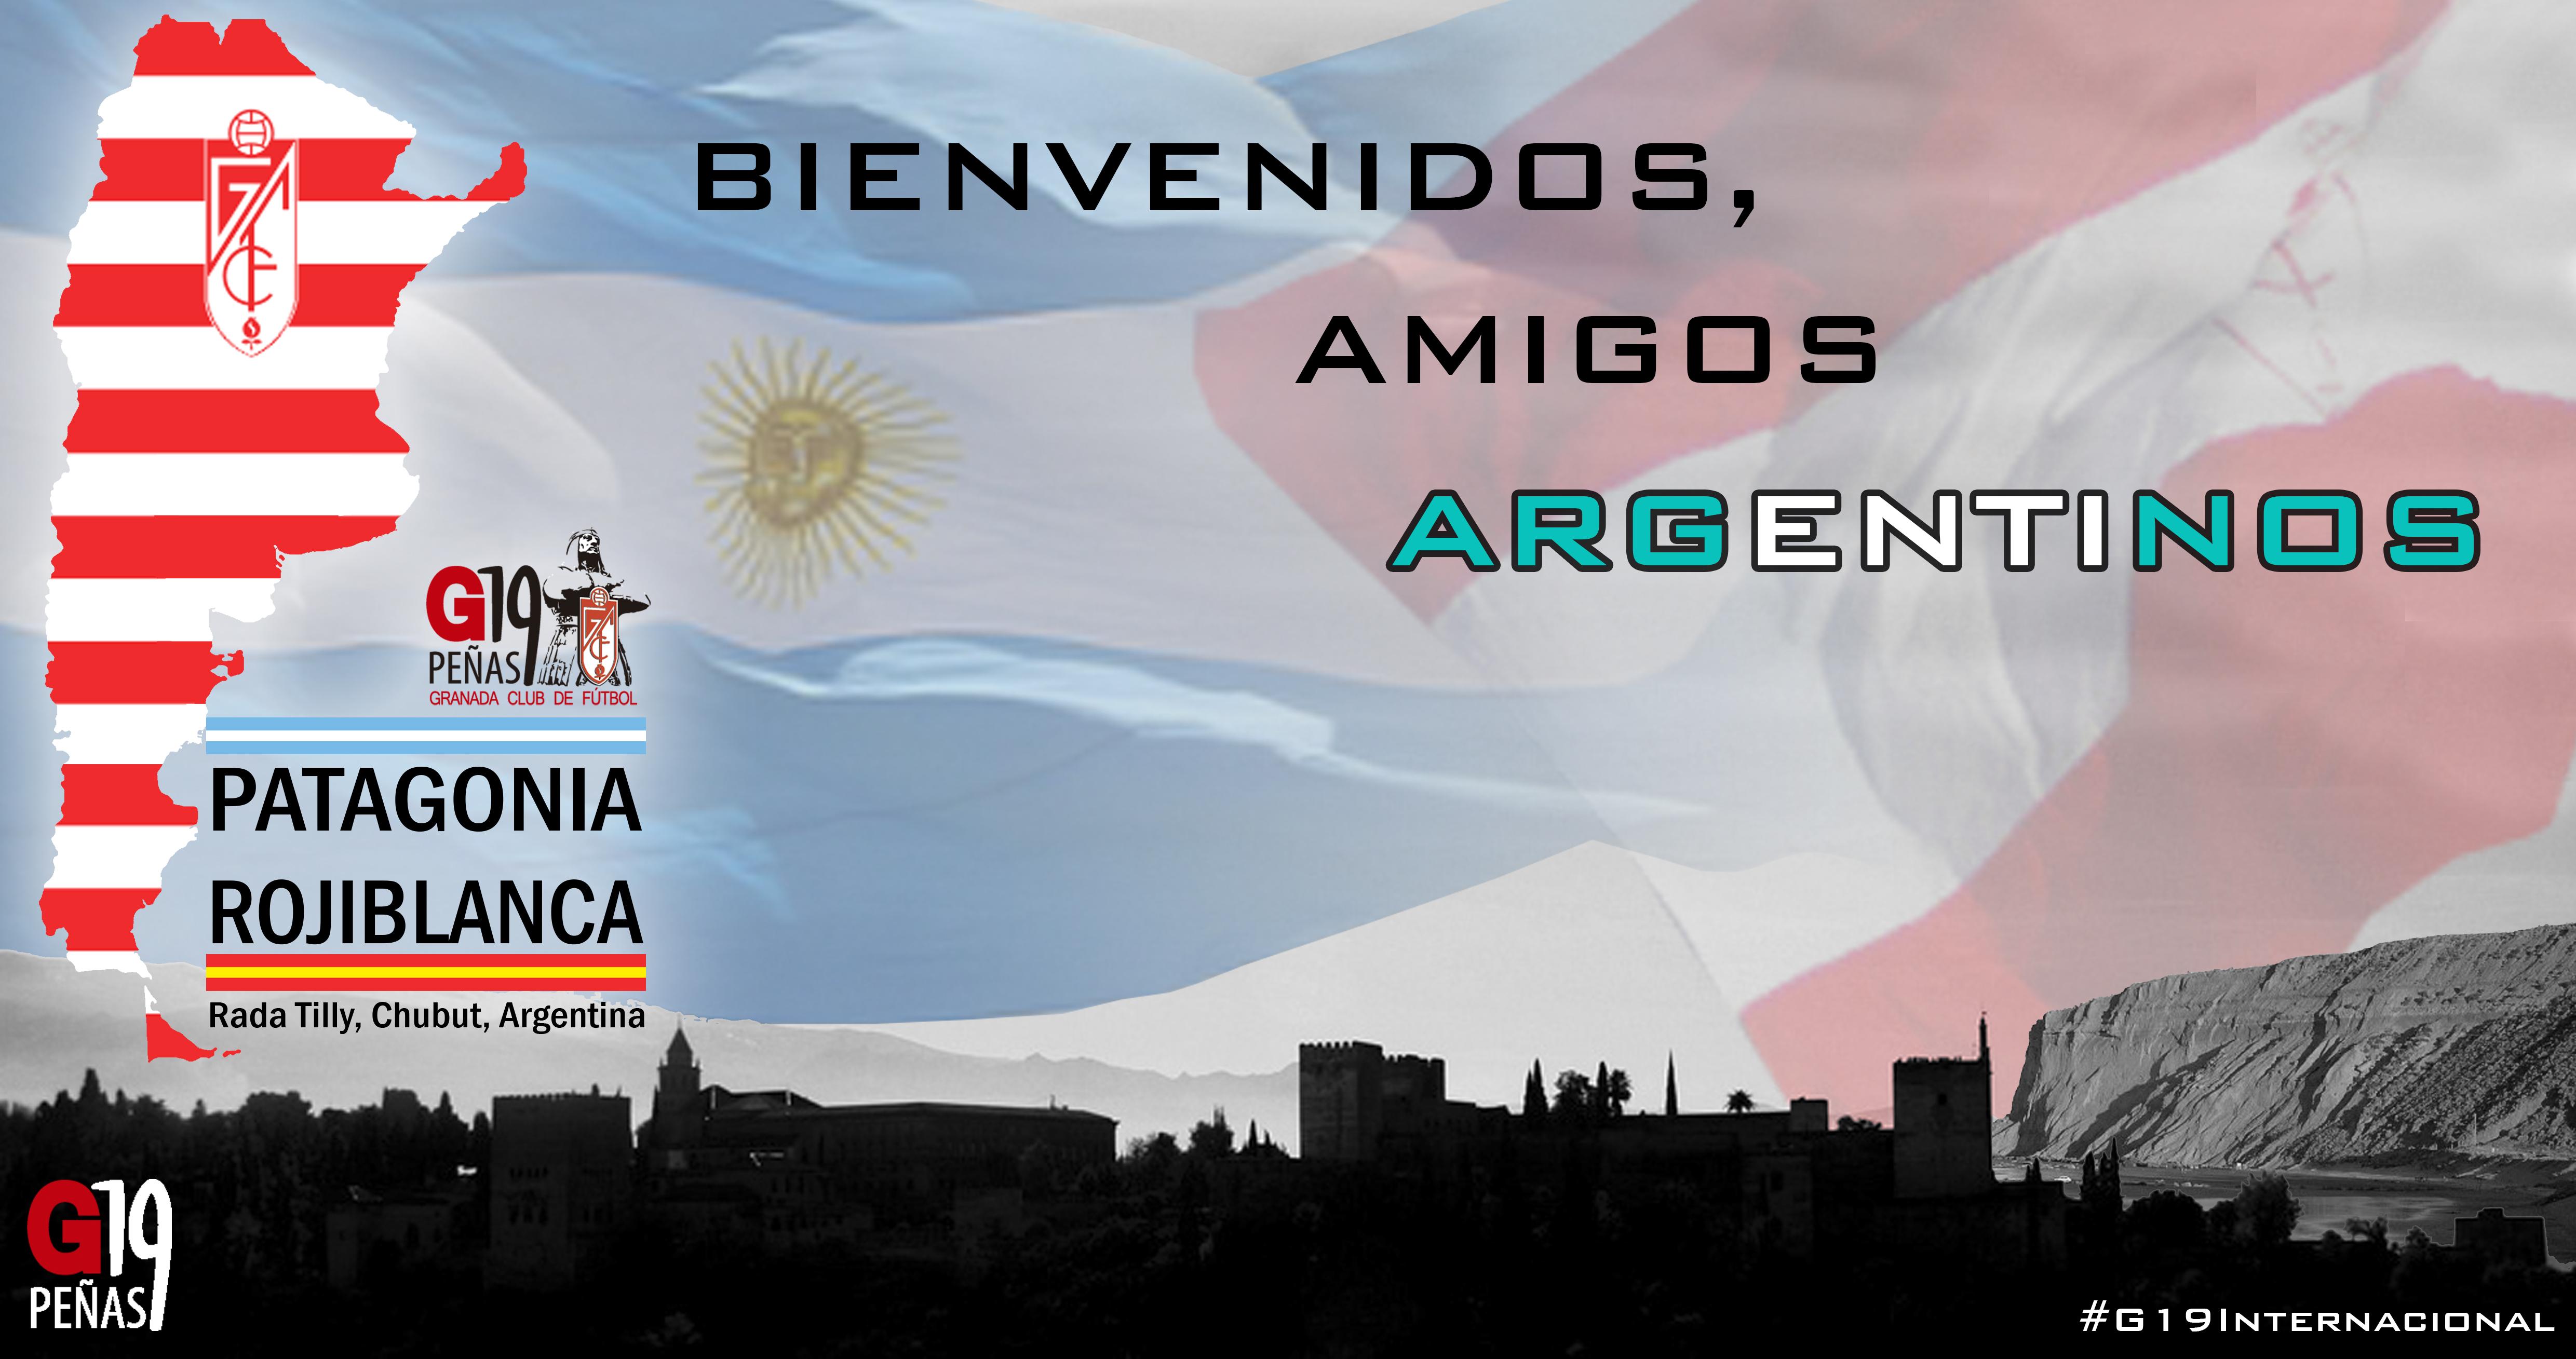 ¡Bienvenidos Peña Patagonia Rojiblanca!